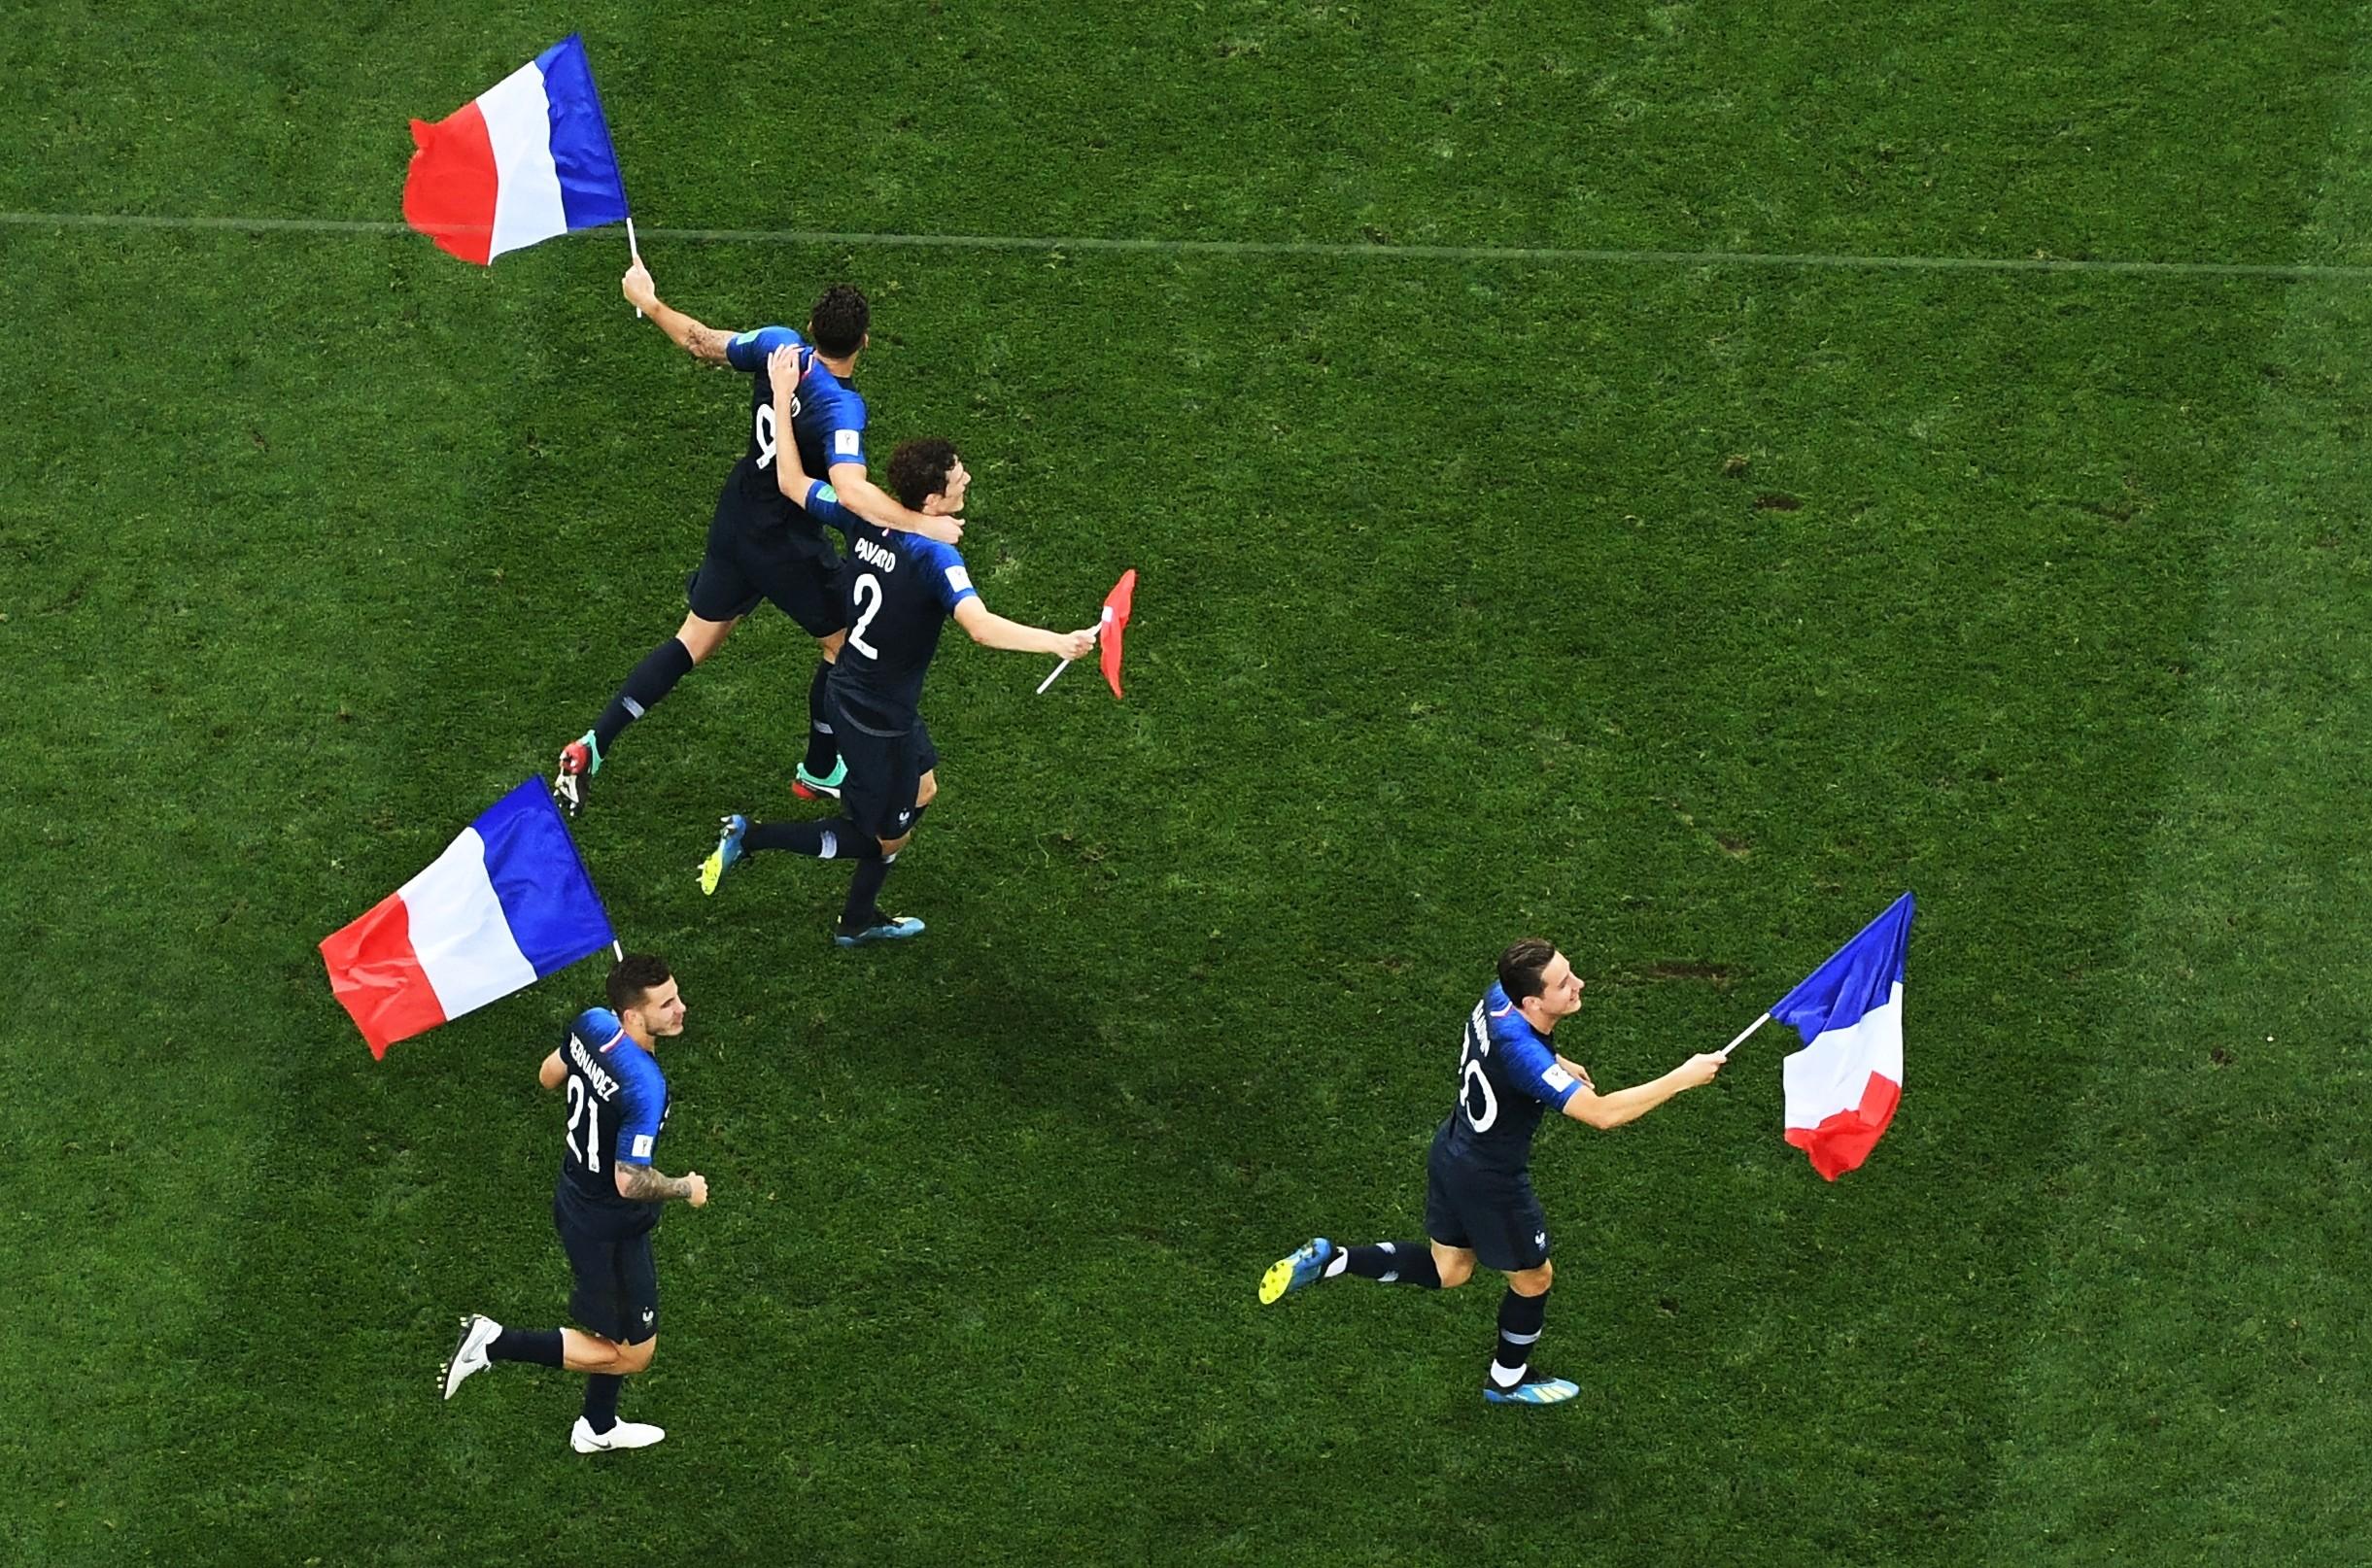 Некоторые игроки подбежали к своим фанатам и взяли у них французские флаги. Фото: РИА Новости/Алексей Куденко